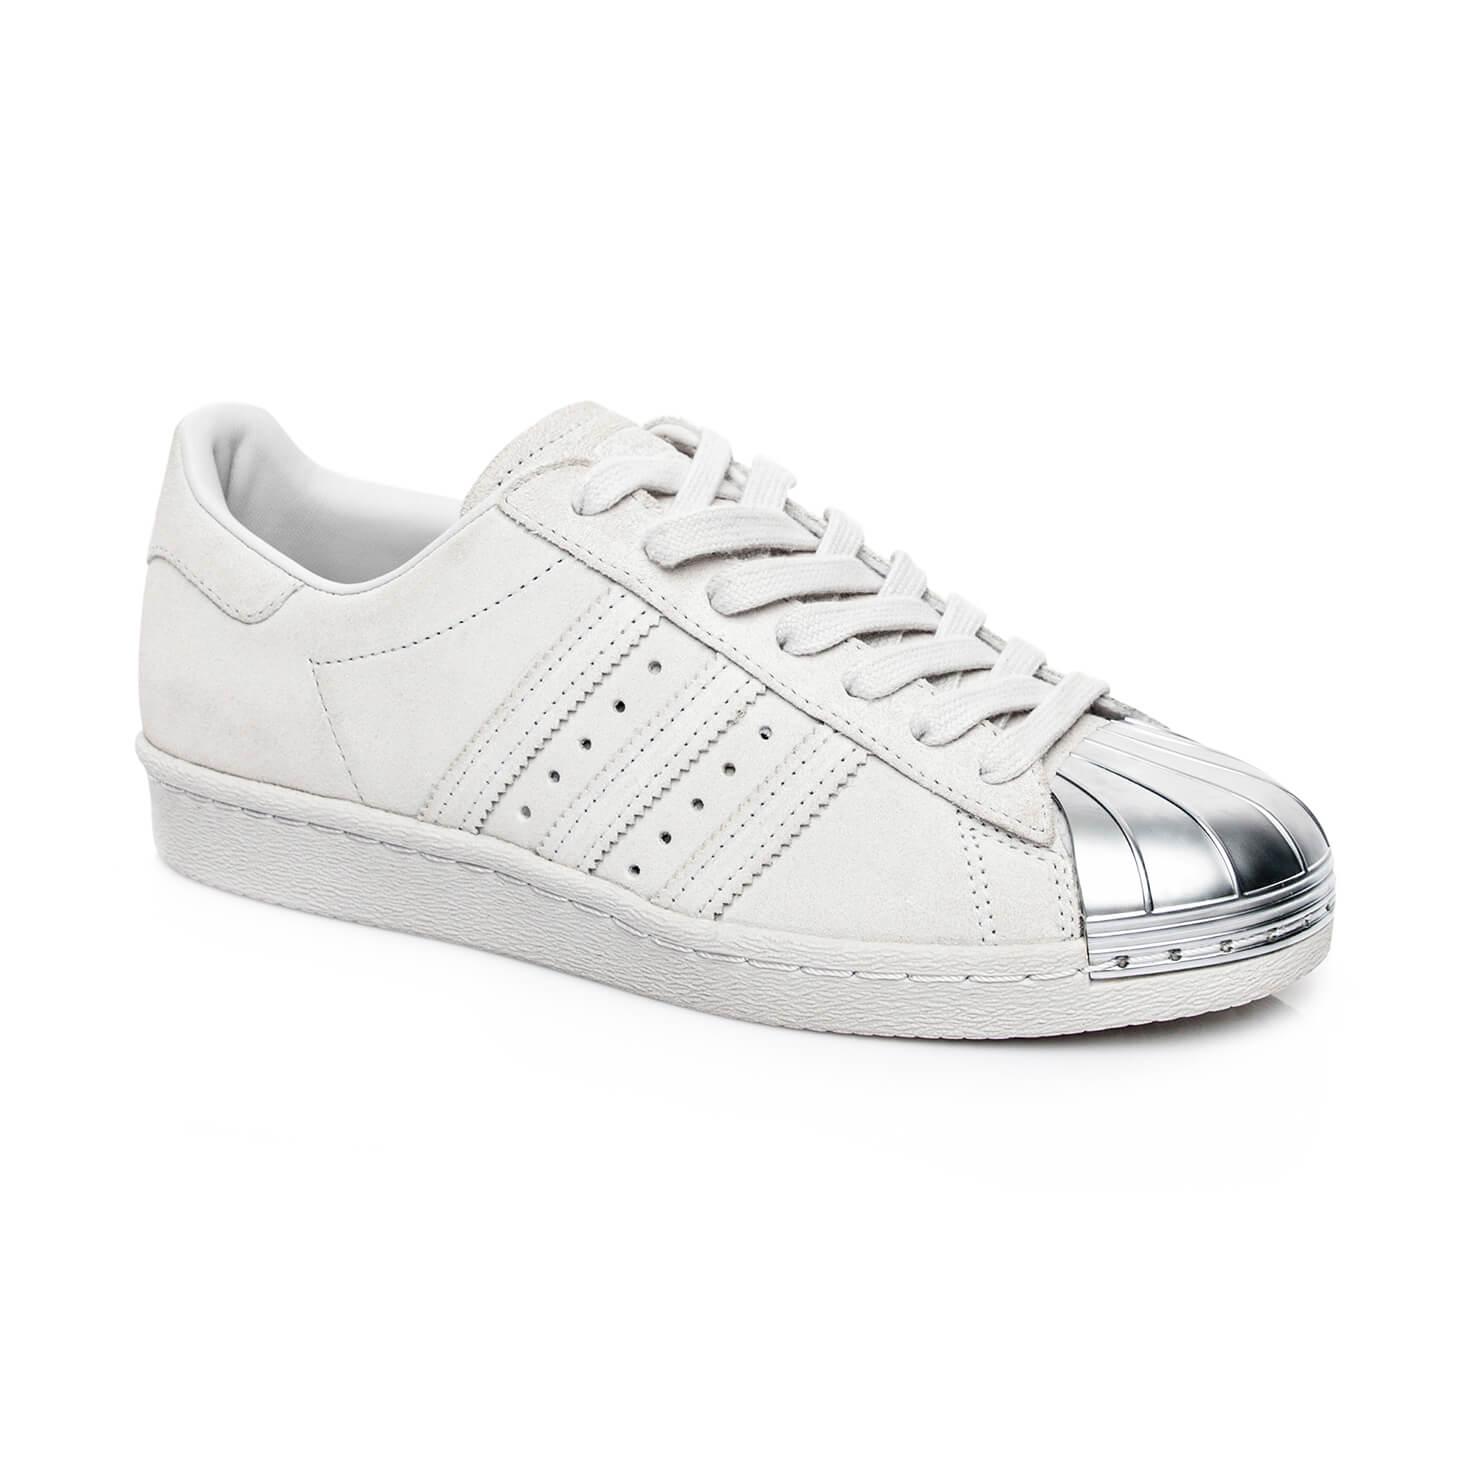 adidas Superstar Metal Toe Kadın Beyaz Sneaker